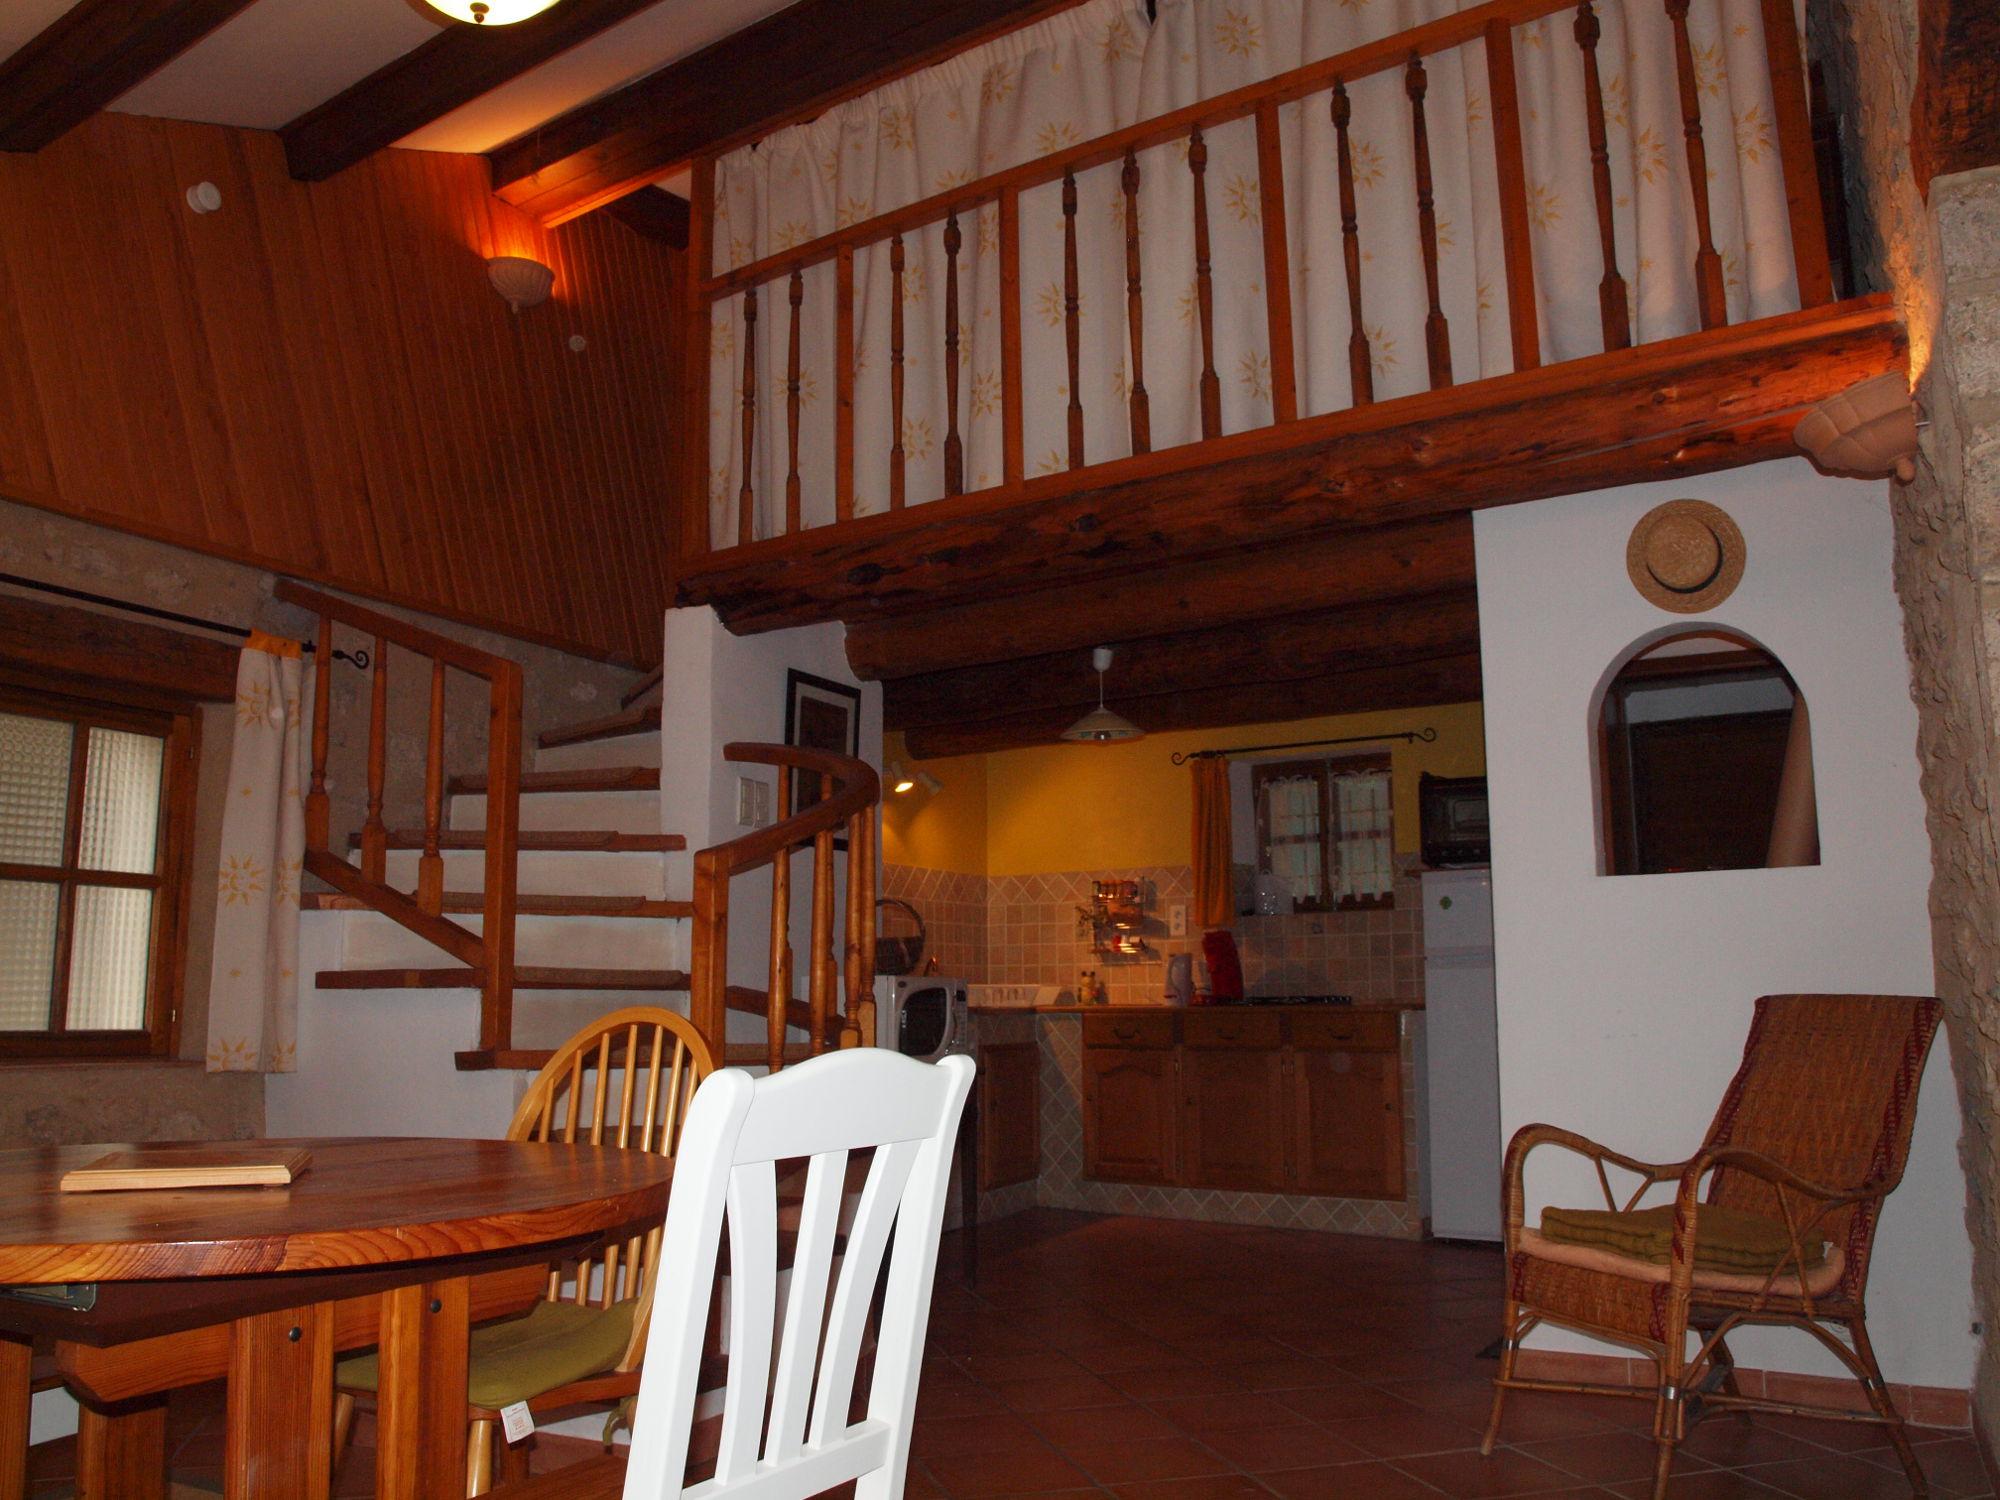 Salle à manger cuisine location de vacances pour 2 personnes